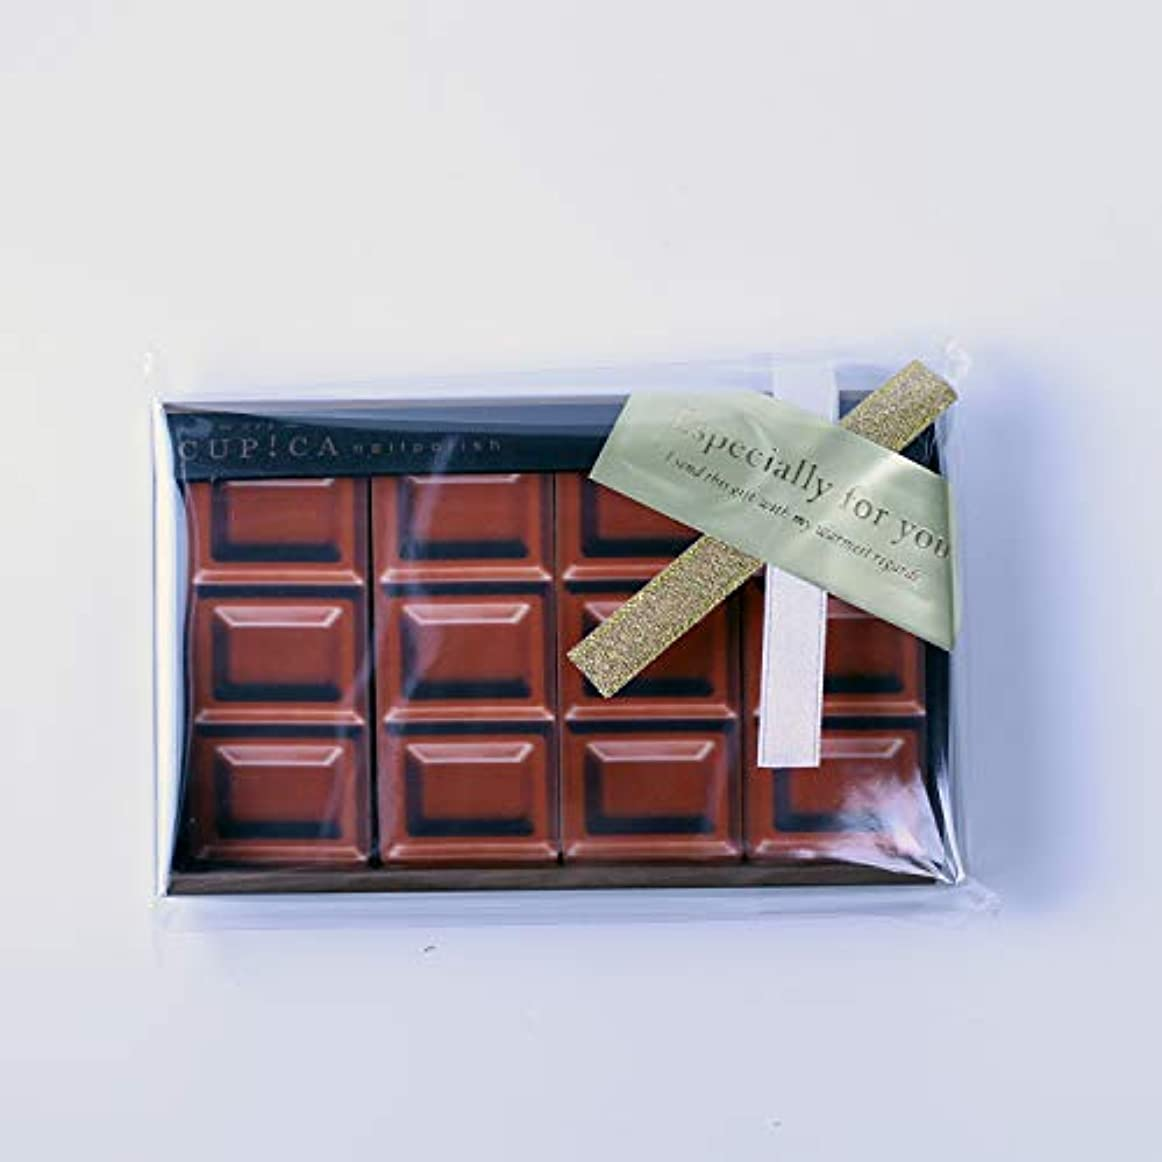 逃す虫を数える歯バレンタイン ホワイトデー ギフト お餞別 チョコのような爪磨き おもしろグッズ アルスキュピカ チョコレート柄 ギフトシール付 クリアケース入